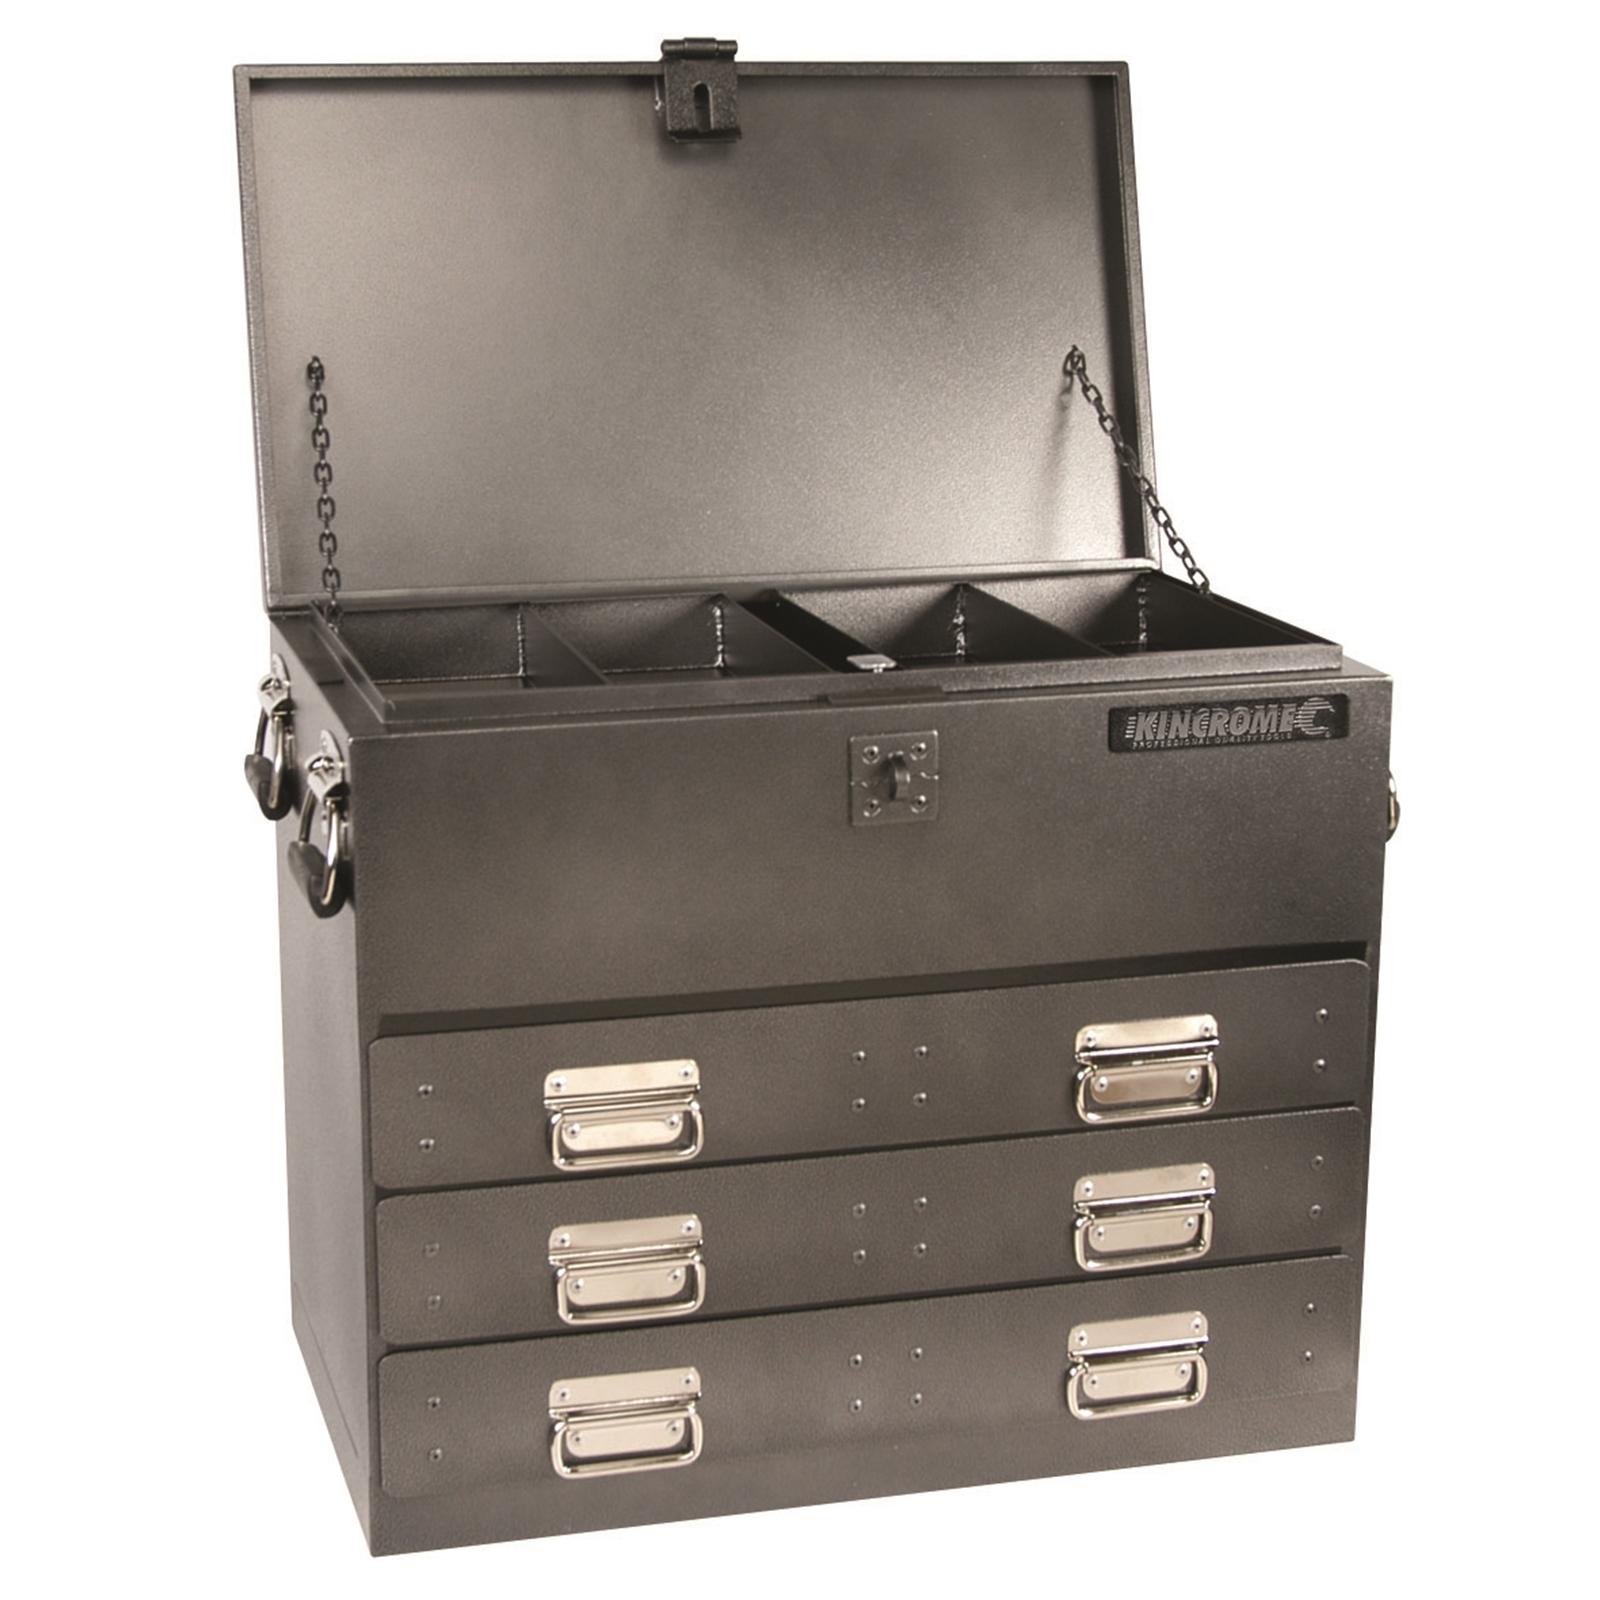 Kincrome 700 x 405mm x 590mm 3 Drawer Ute Tool Box